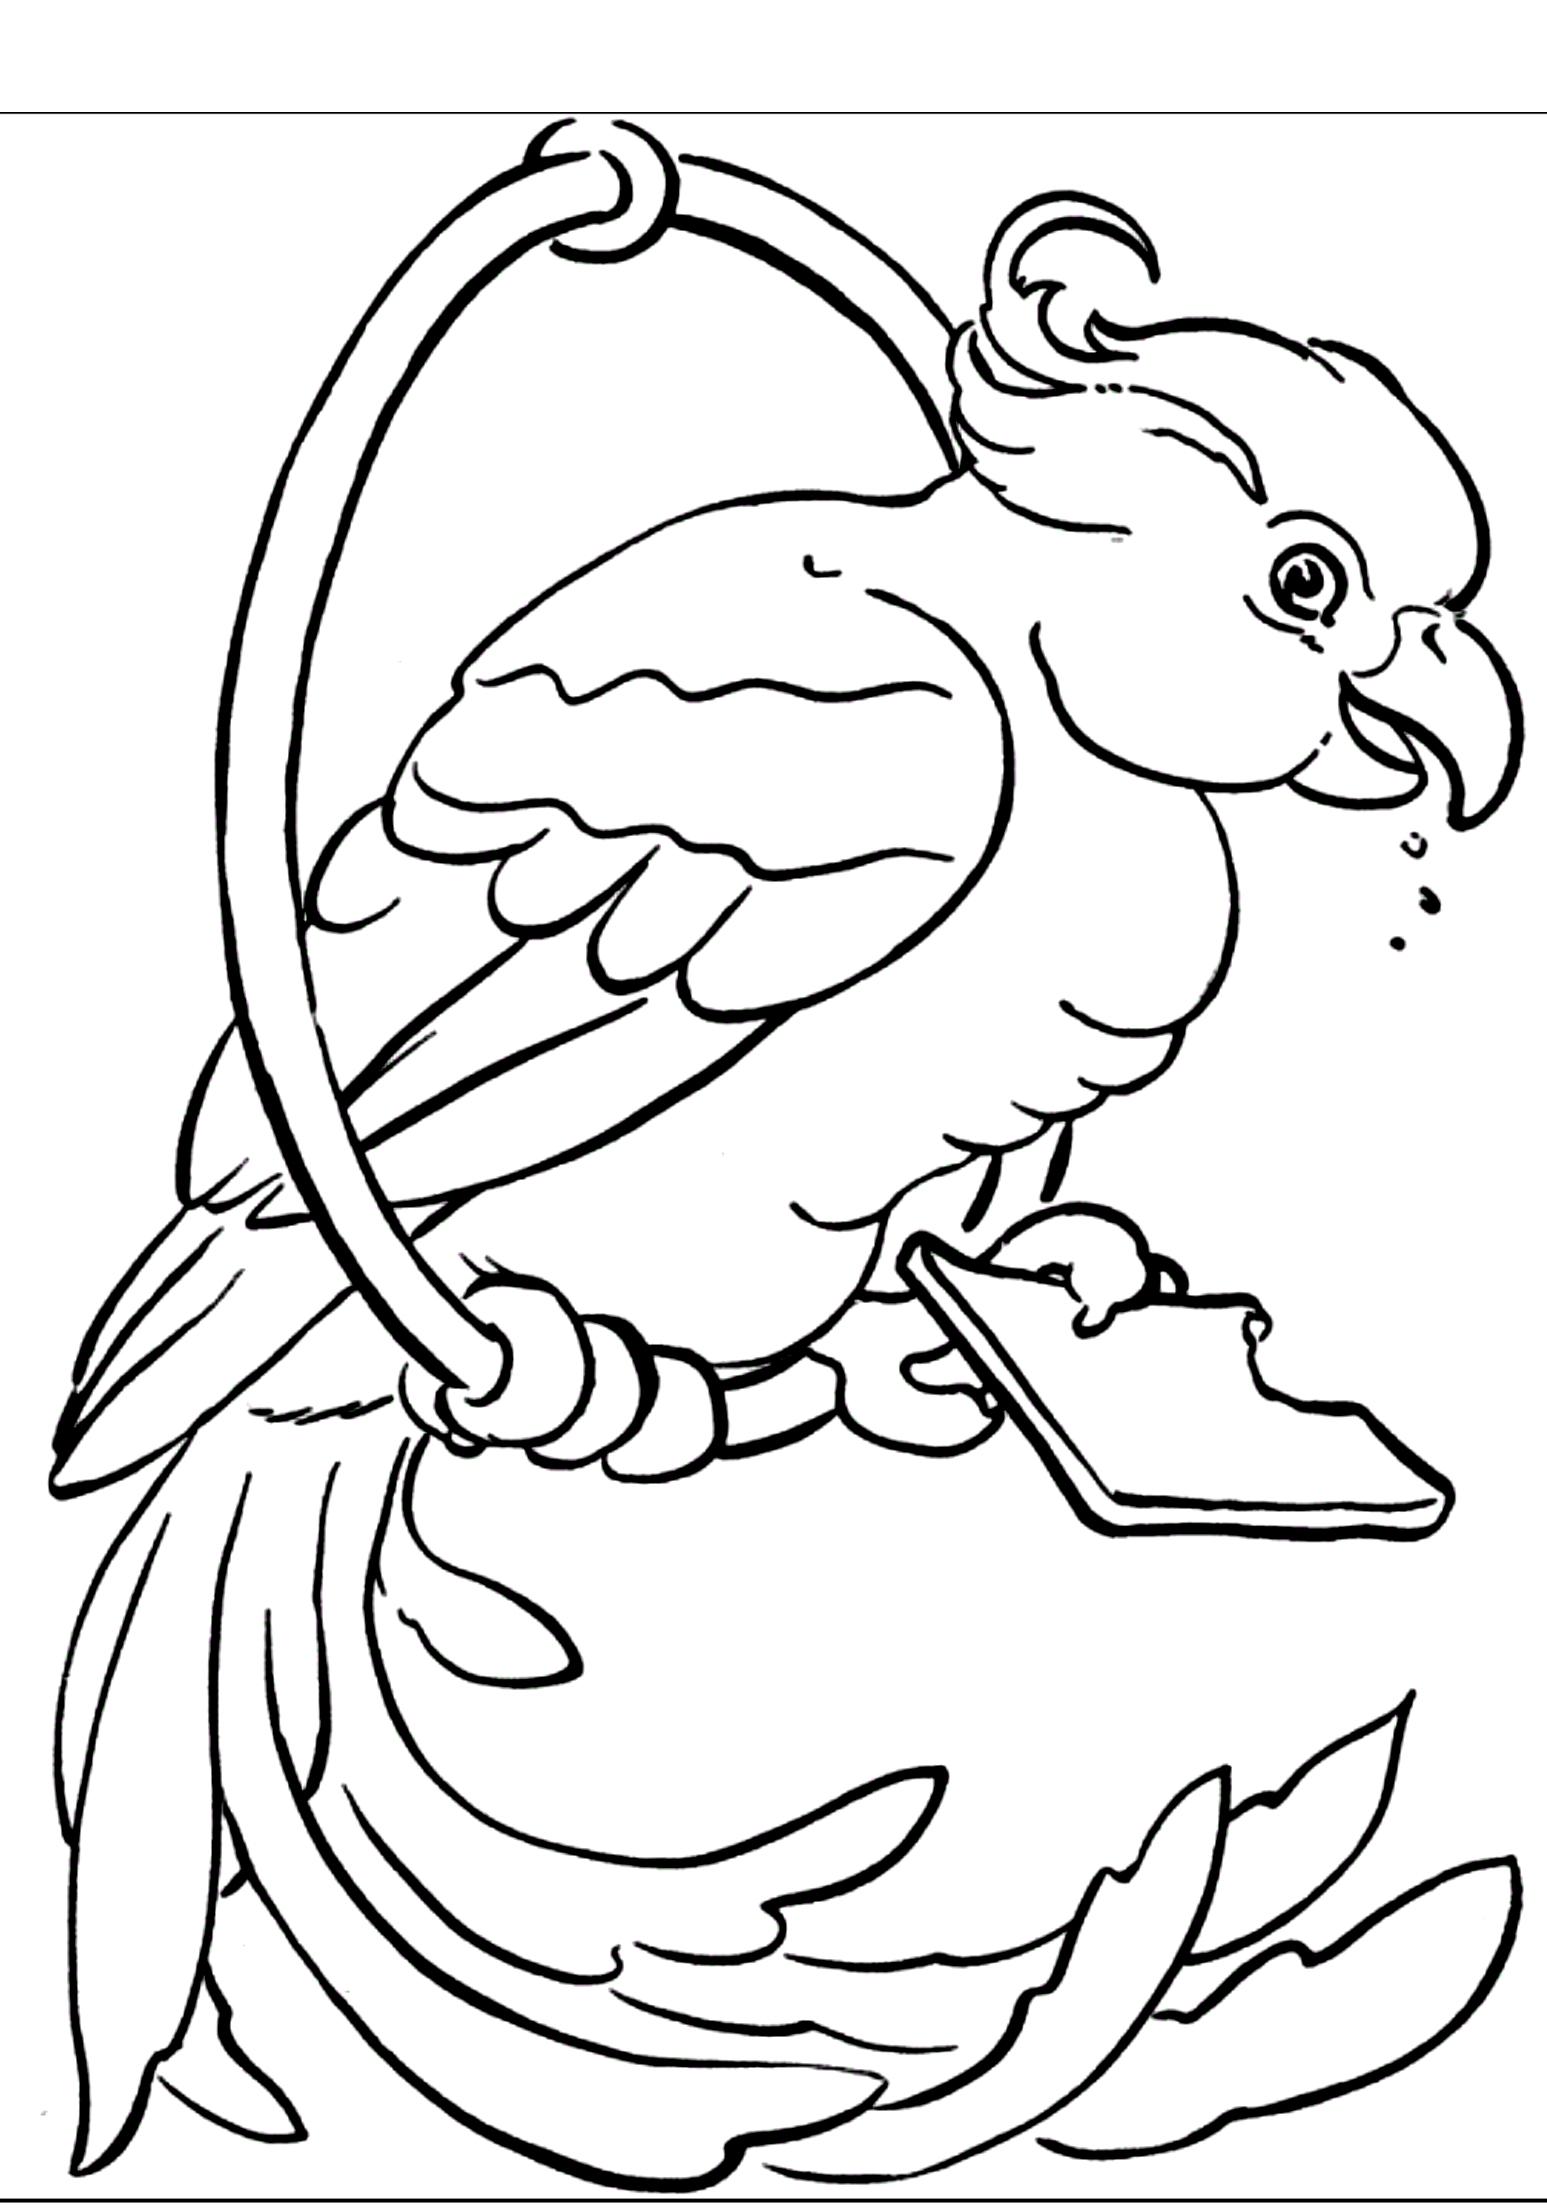 Disegno 16 di pappagalli da stampare e colorare